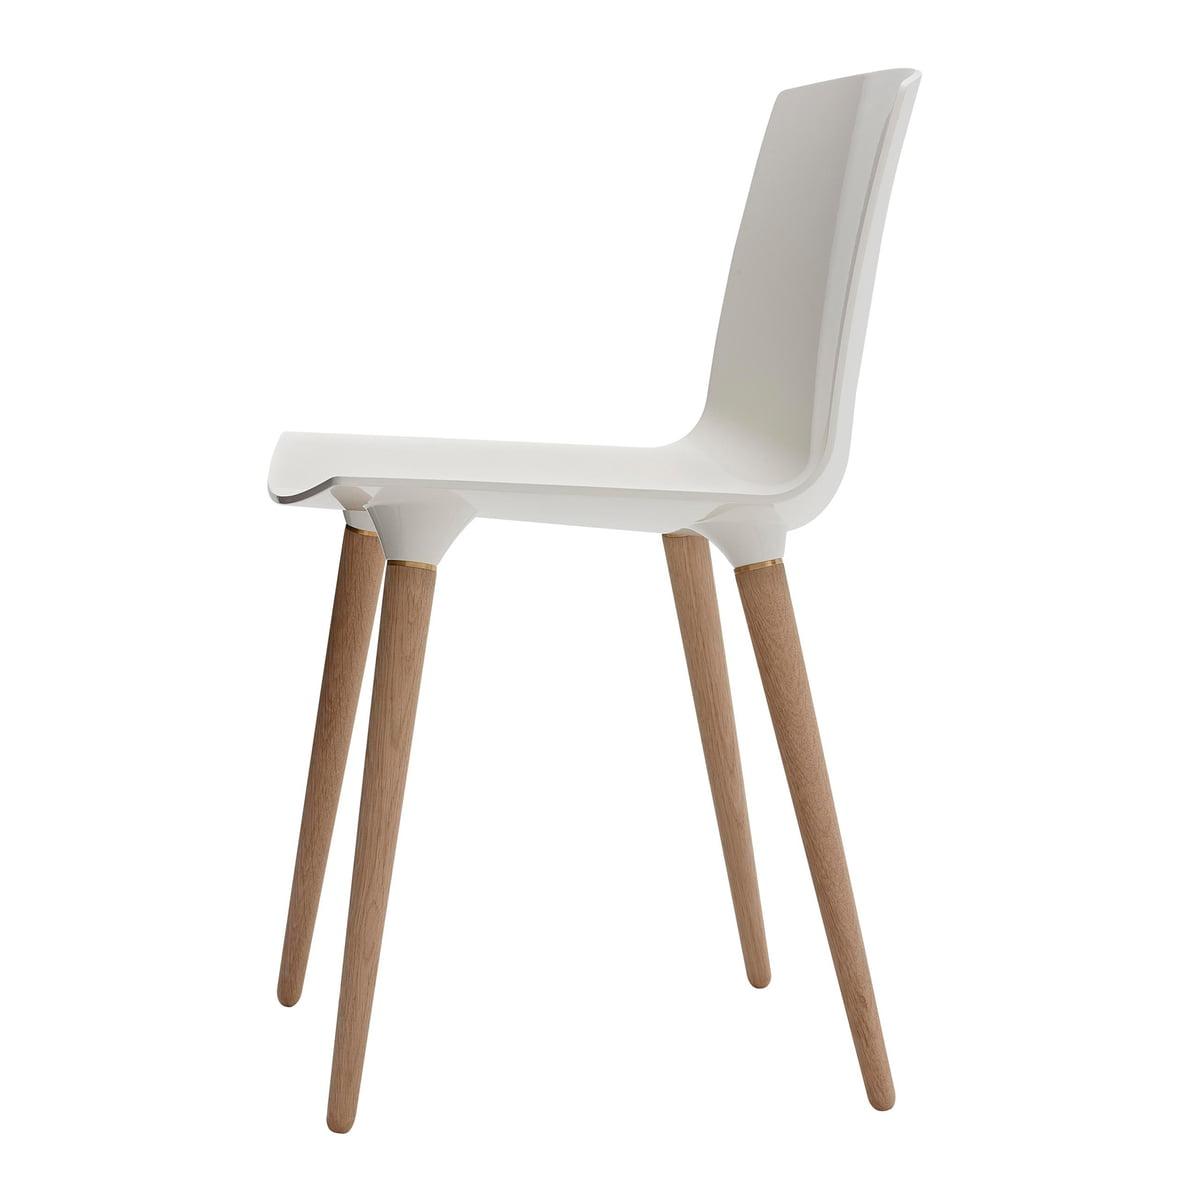 tac stuhl von andersen furniture. Black Bedroom Furniture Sets. Home Design Ideas